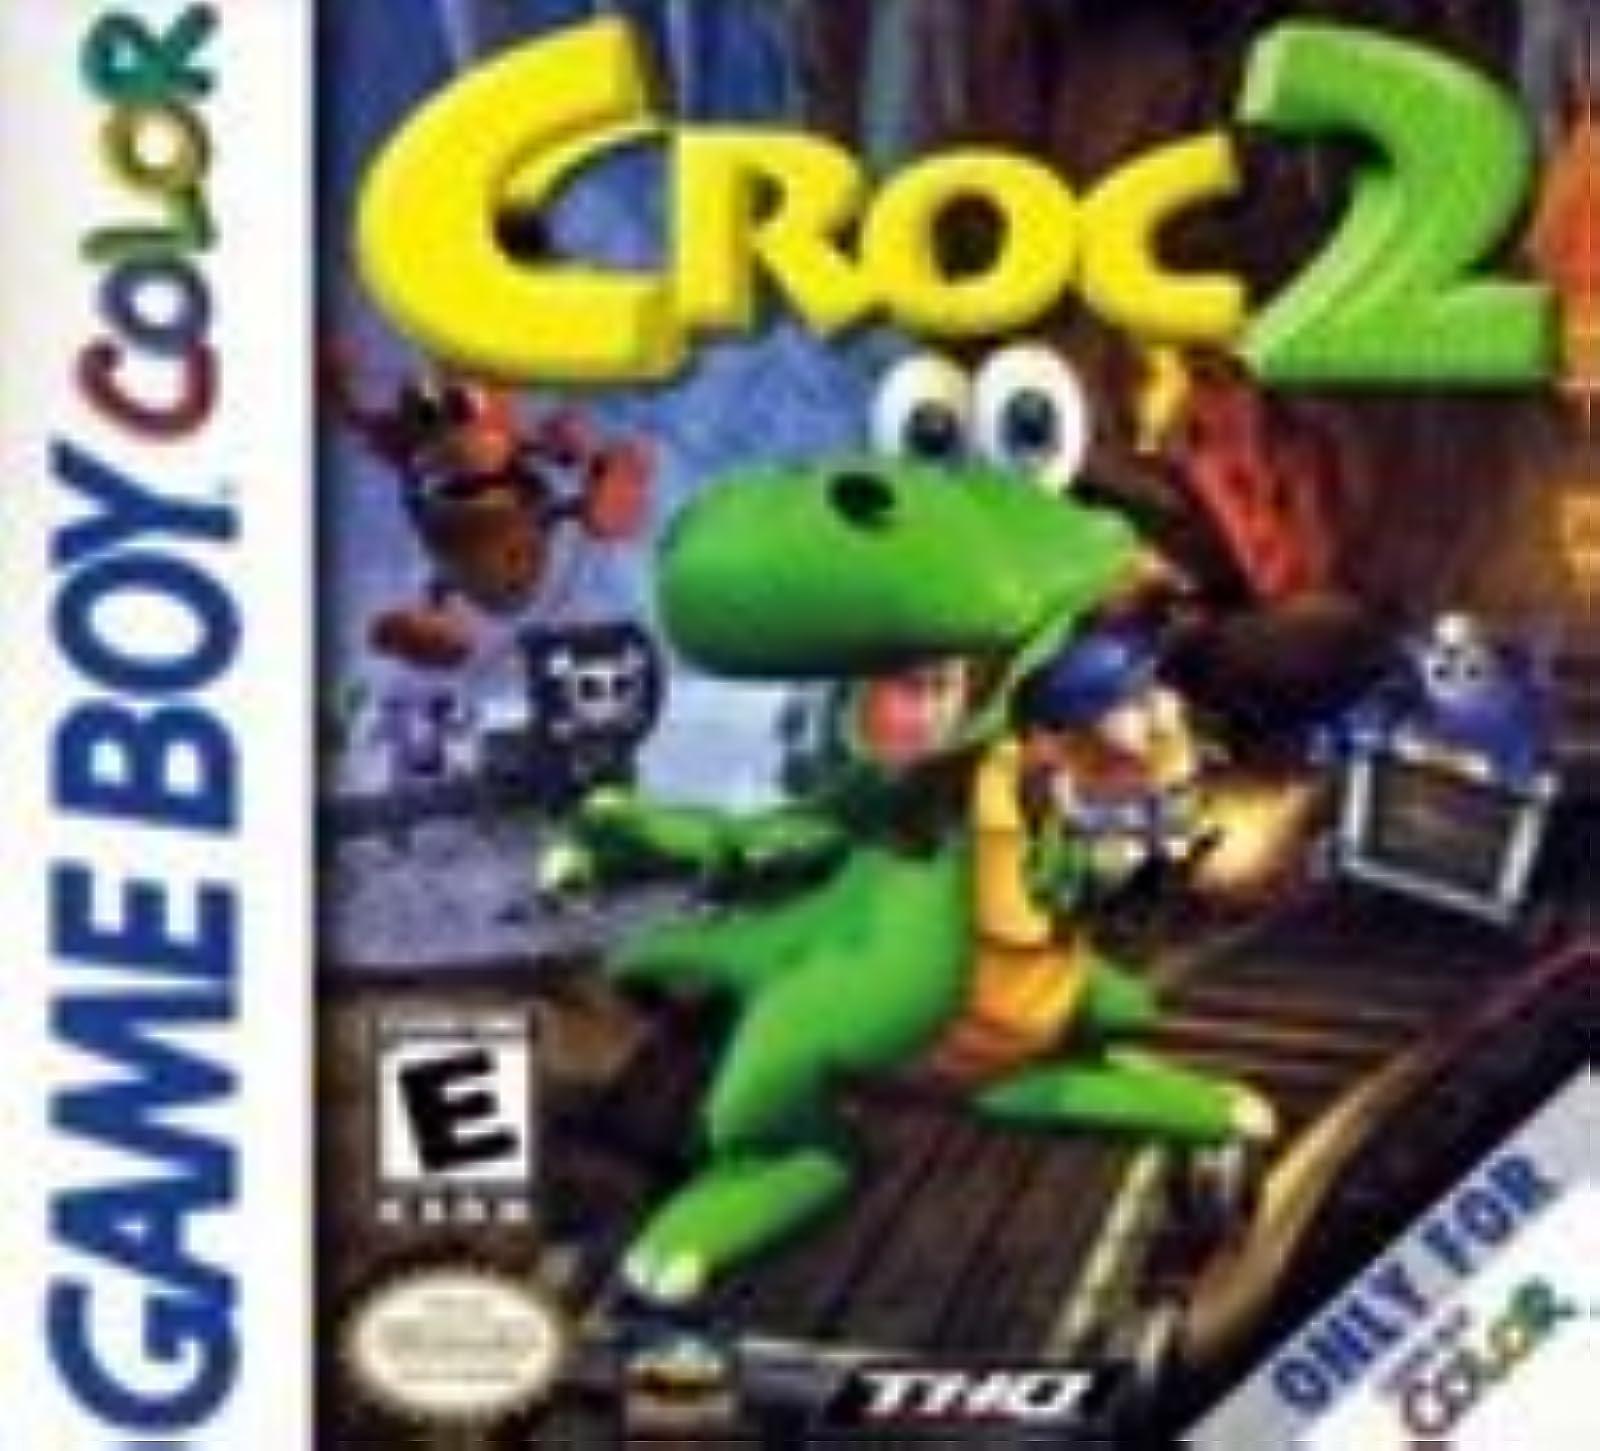 Croc 2 On Gameboy Color